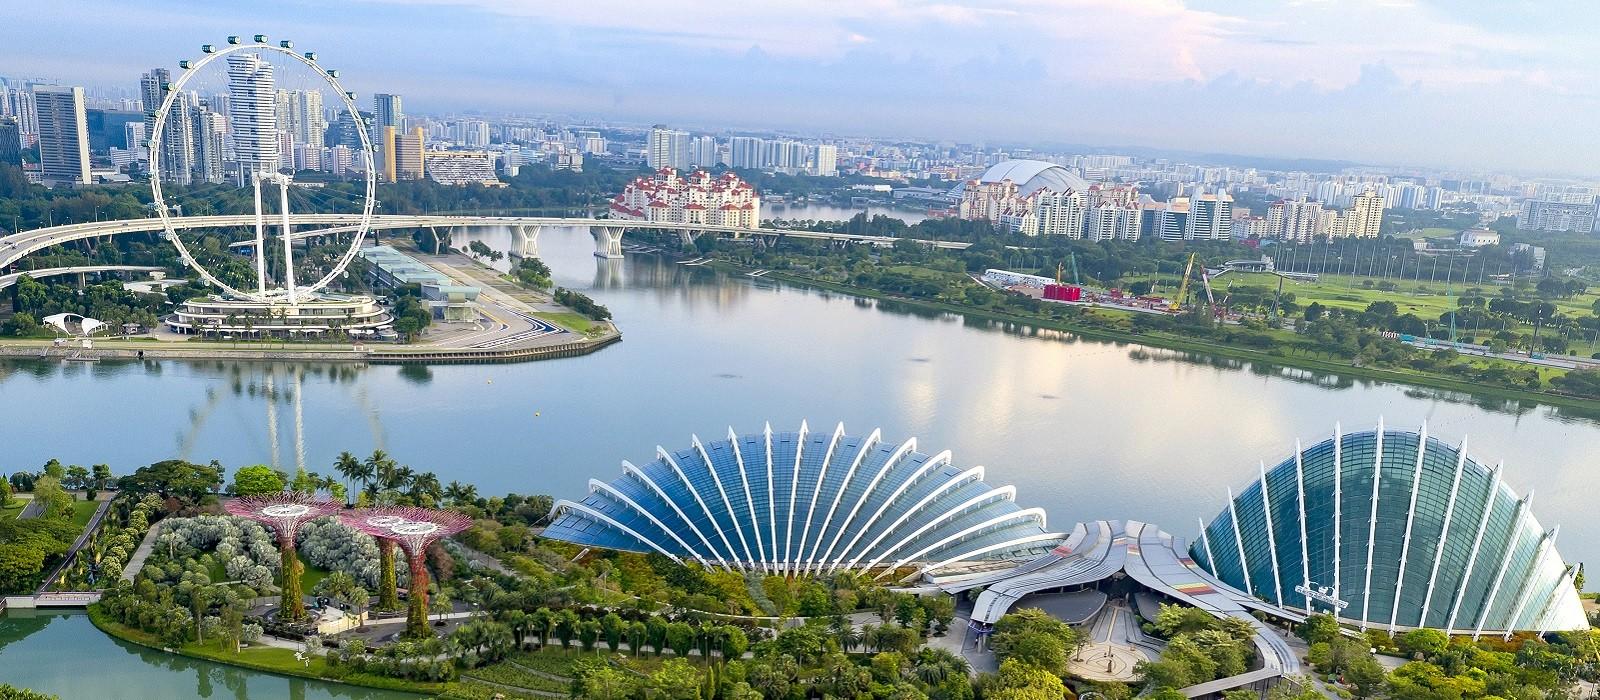 Destination Singapore City Singapore